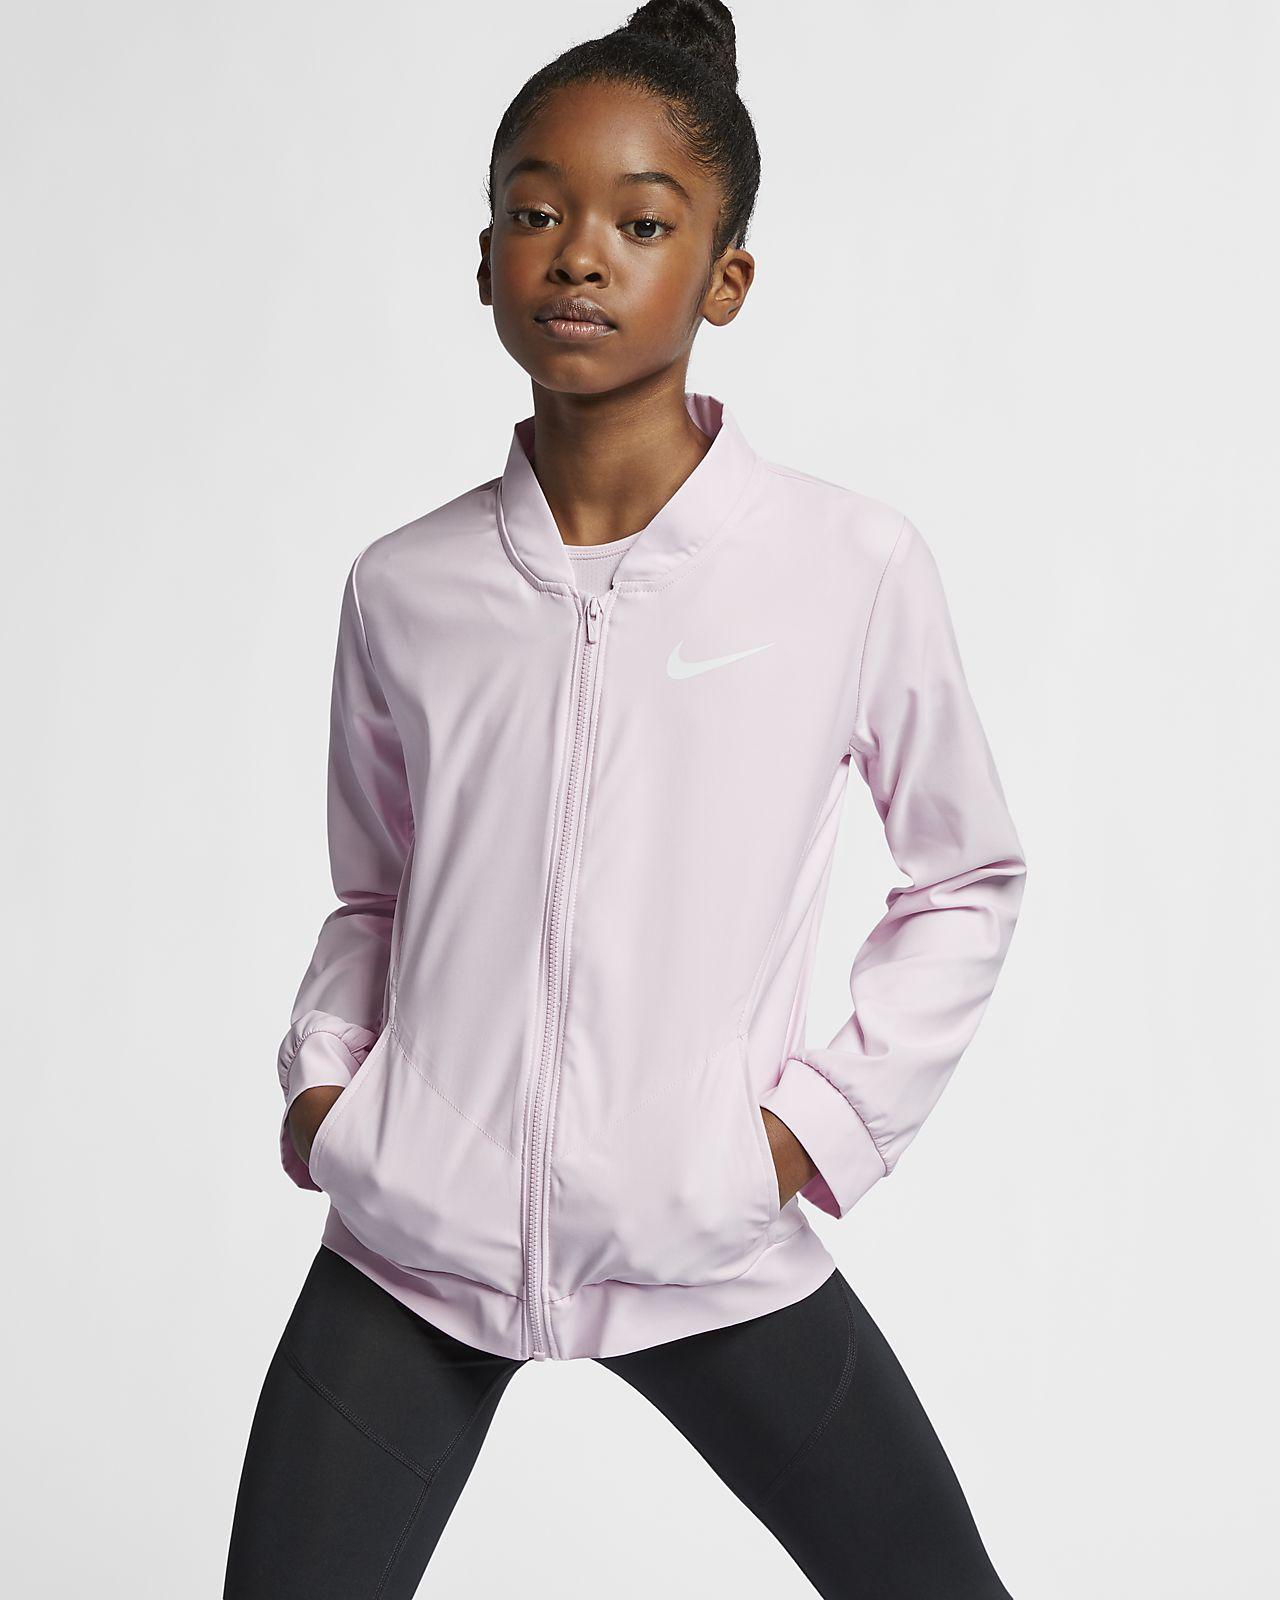 Nike Big Kids' (Girl's) Woven Training Jacket